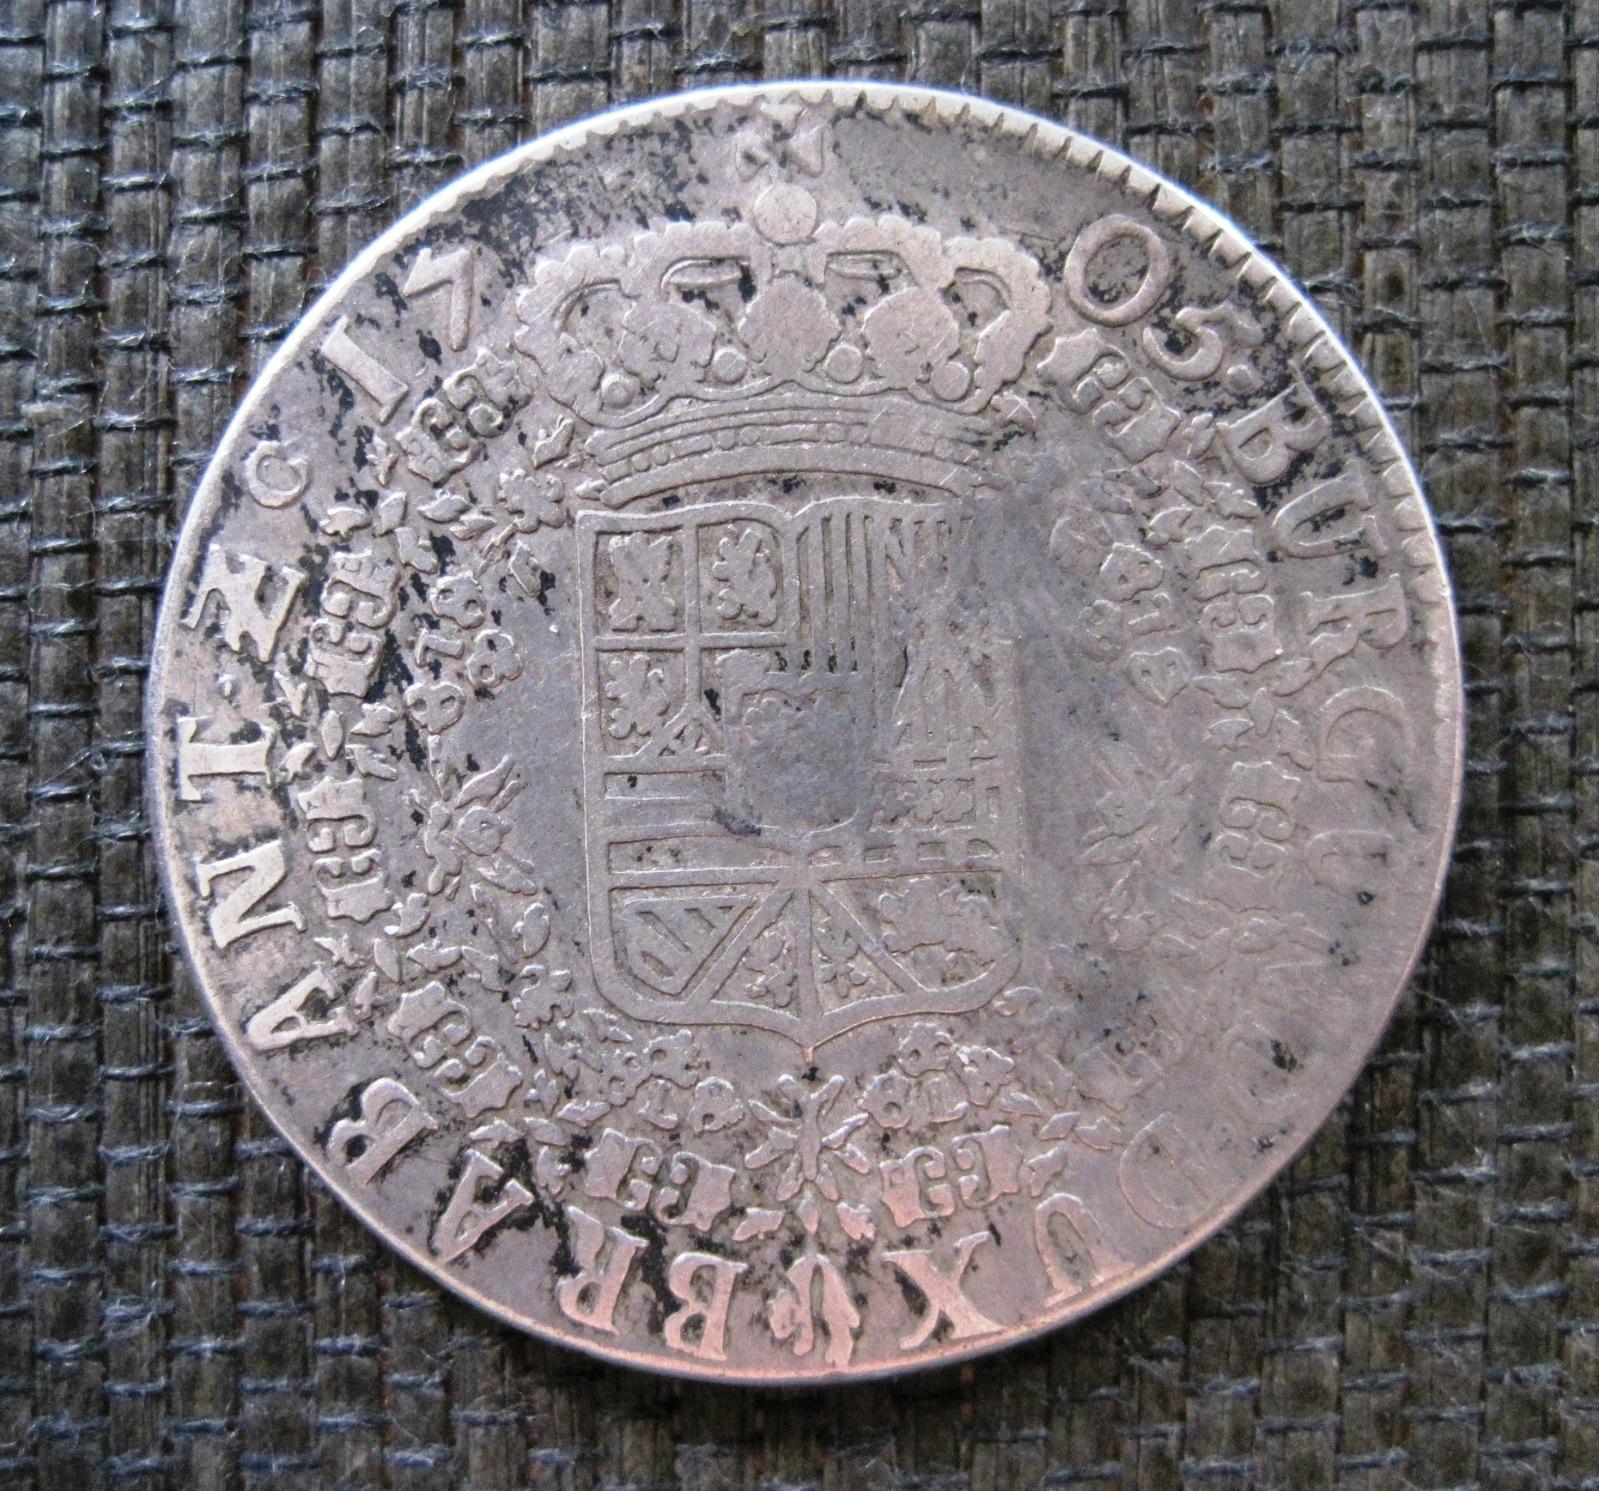 1705 Patagon a nombre de Felipe V, de Amberes. 29dw8s6